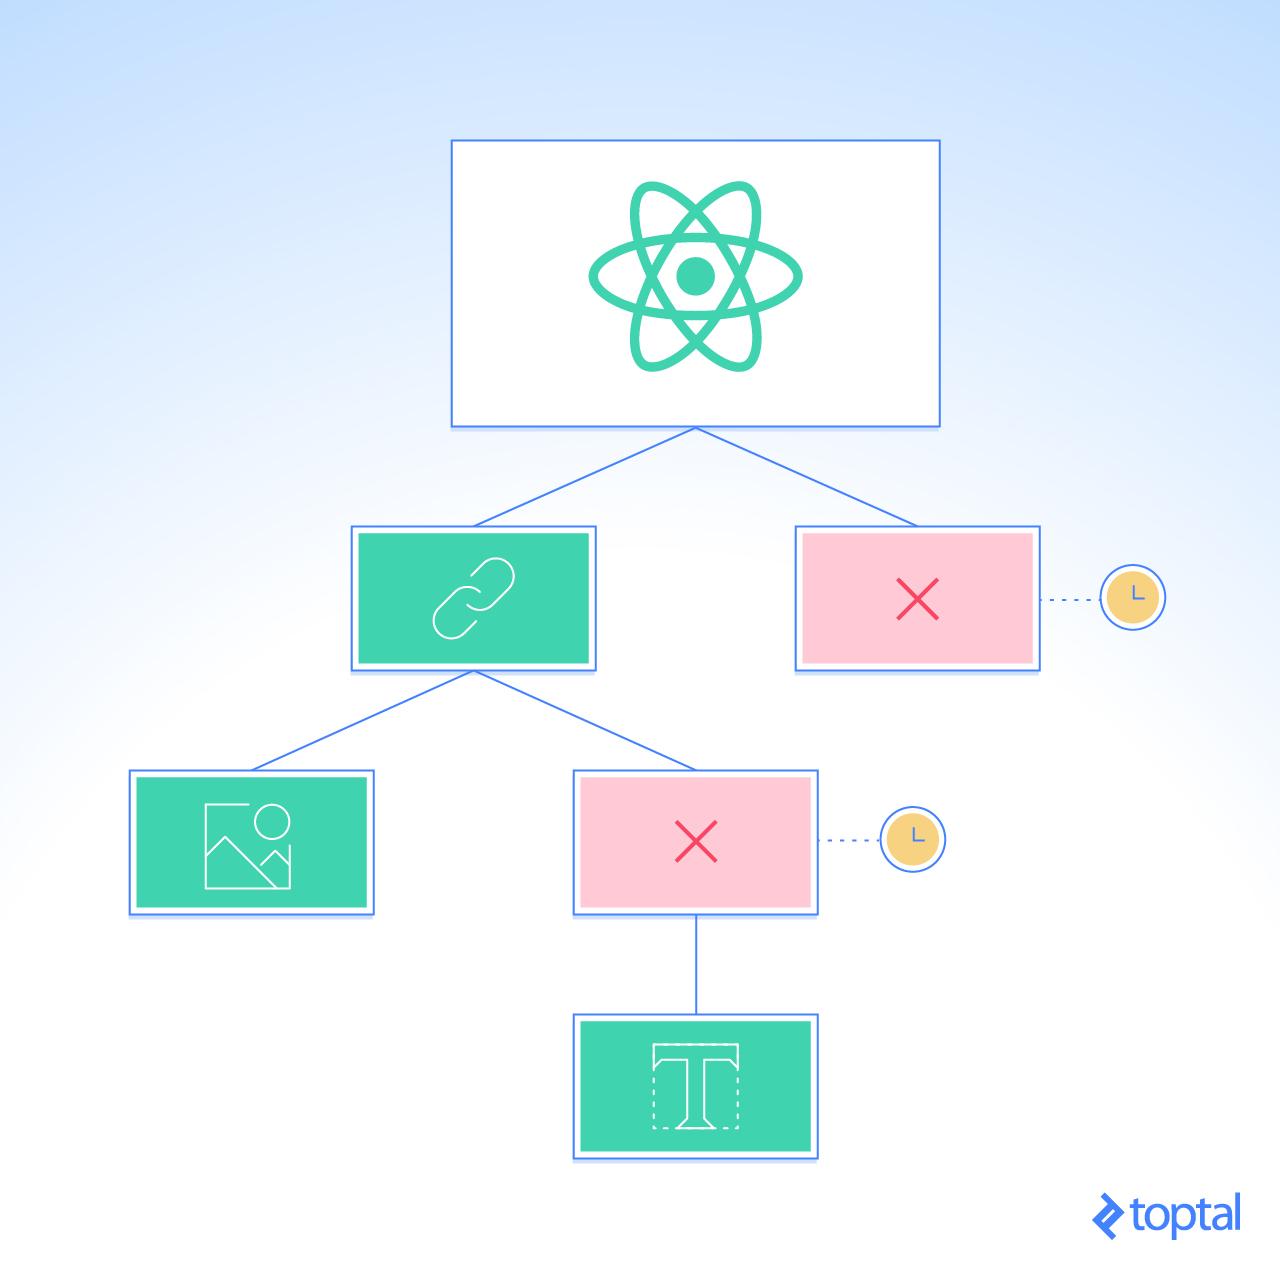 Acelera tu aplicación React al optimizar tu proceso renderización-diff de los componentes.